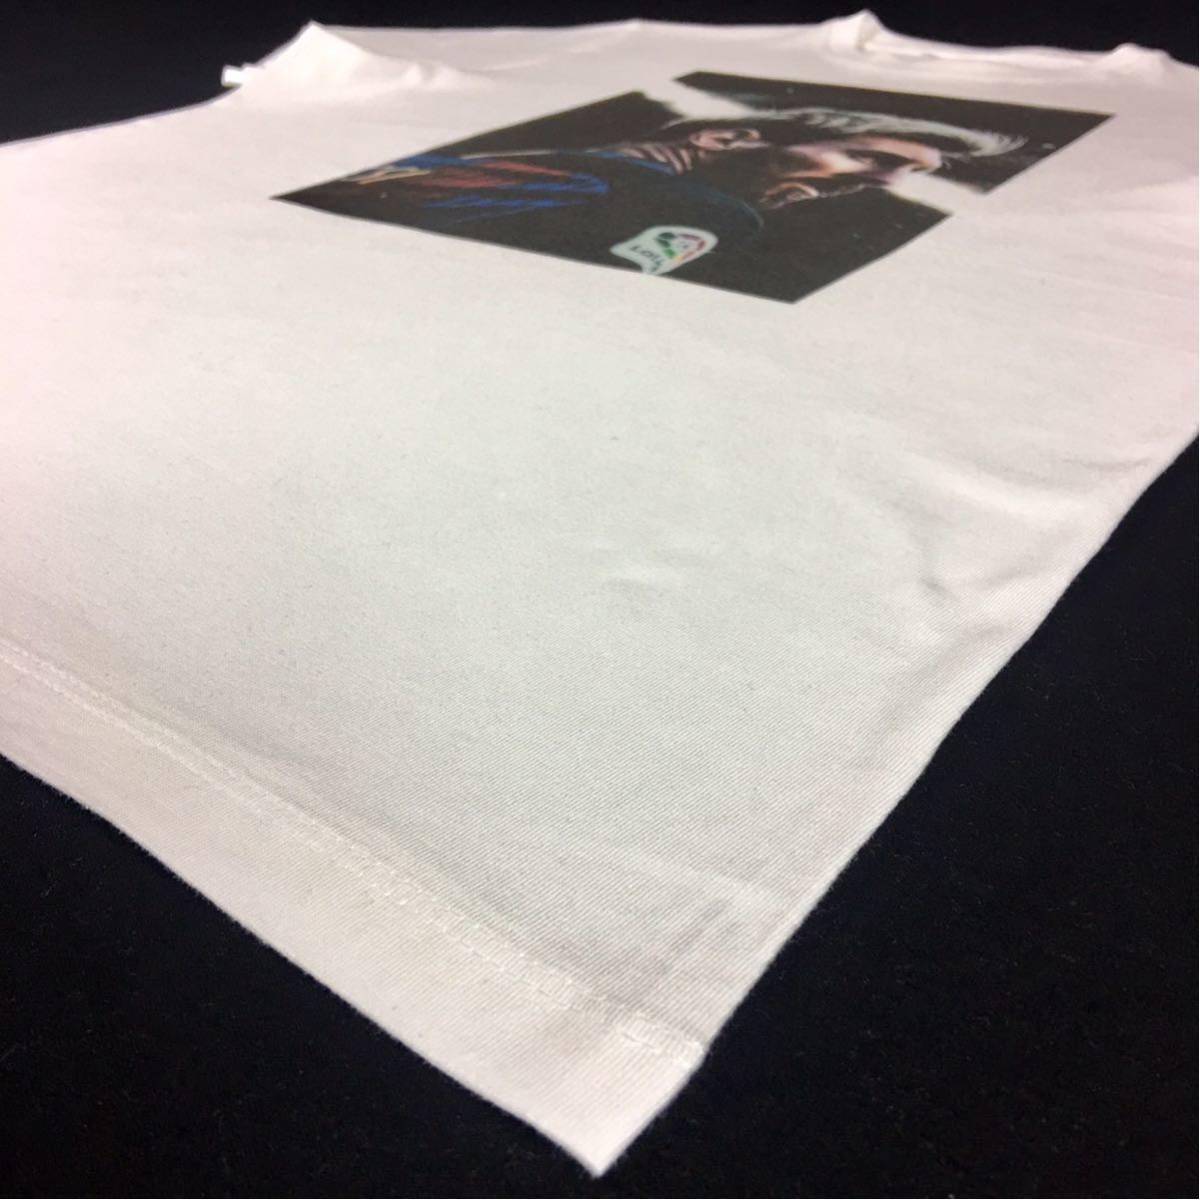 新品 サッカー メッシ Tシャツ S M L XL ワールドカップ バルセロナ アルゼンチン ロナウド ビッグ オーバー サイズ XXL~5XL 長袖 黒 対応_画像9